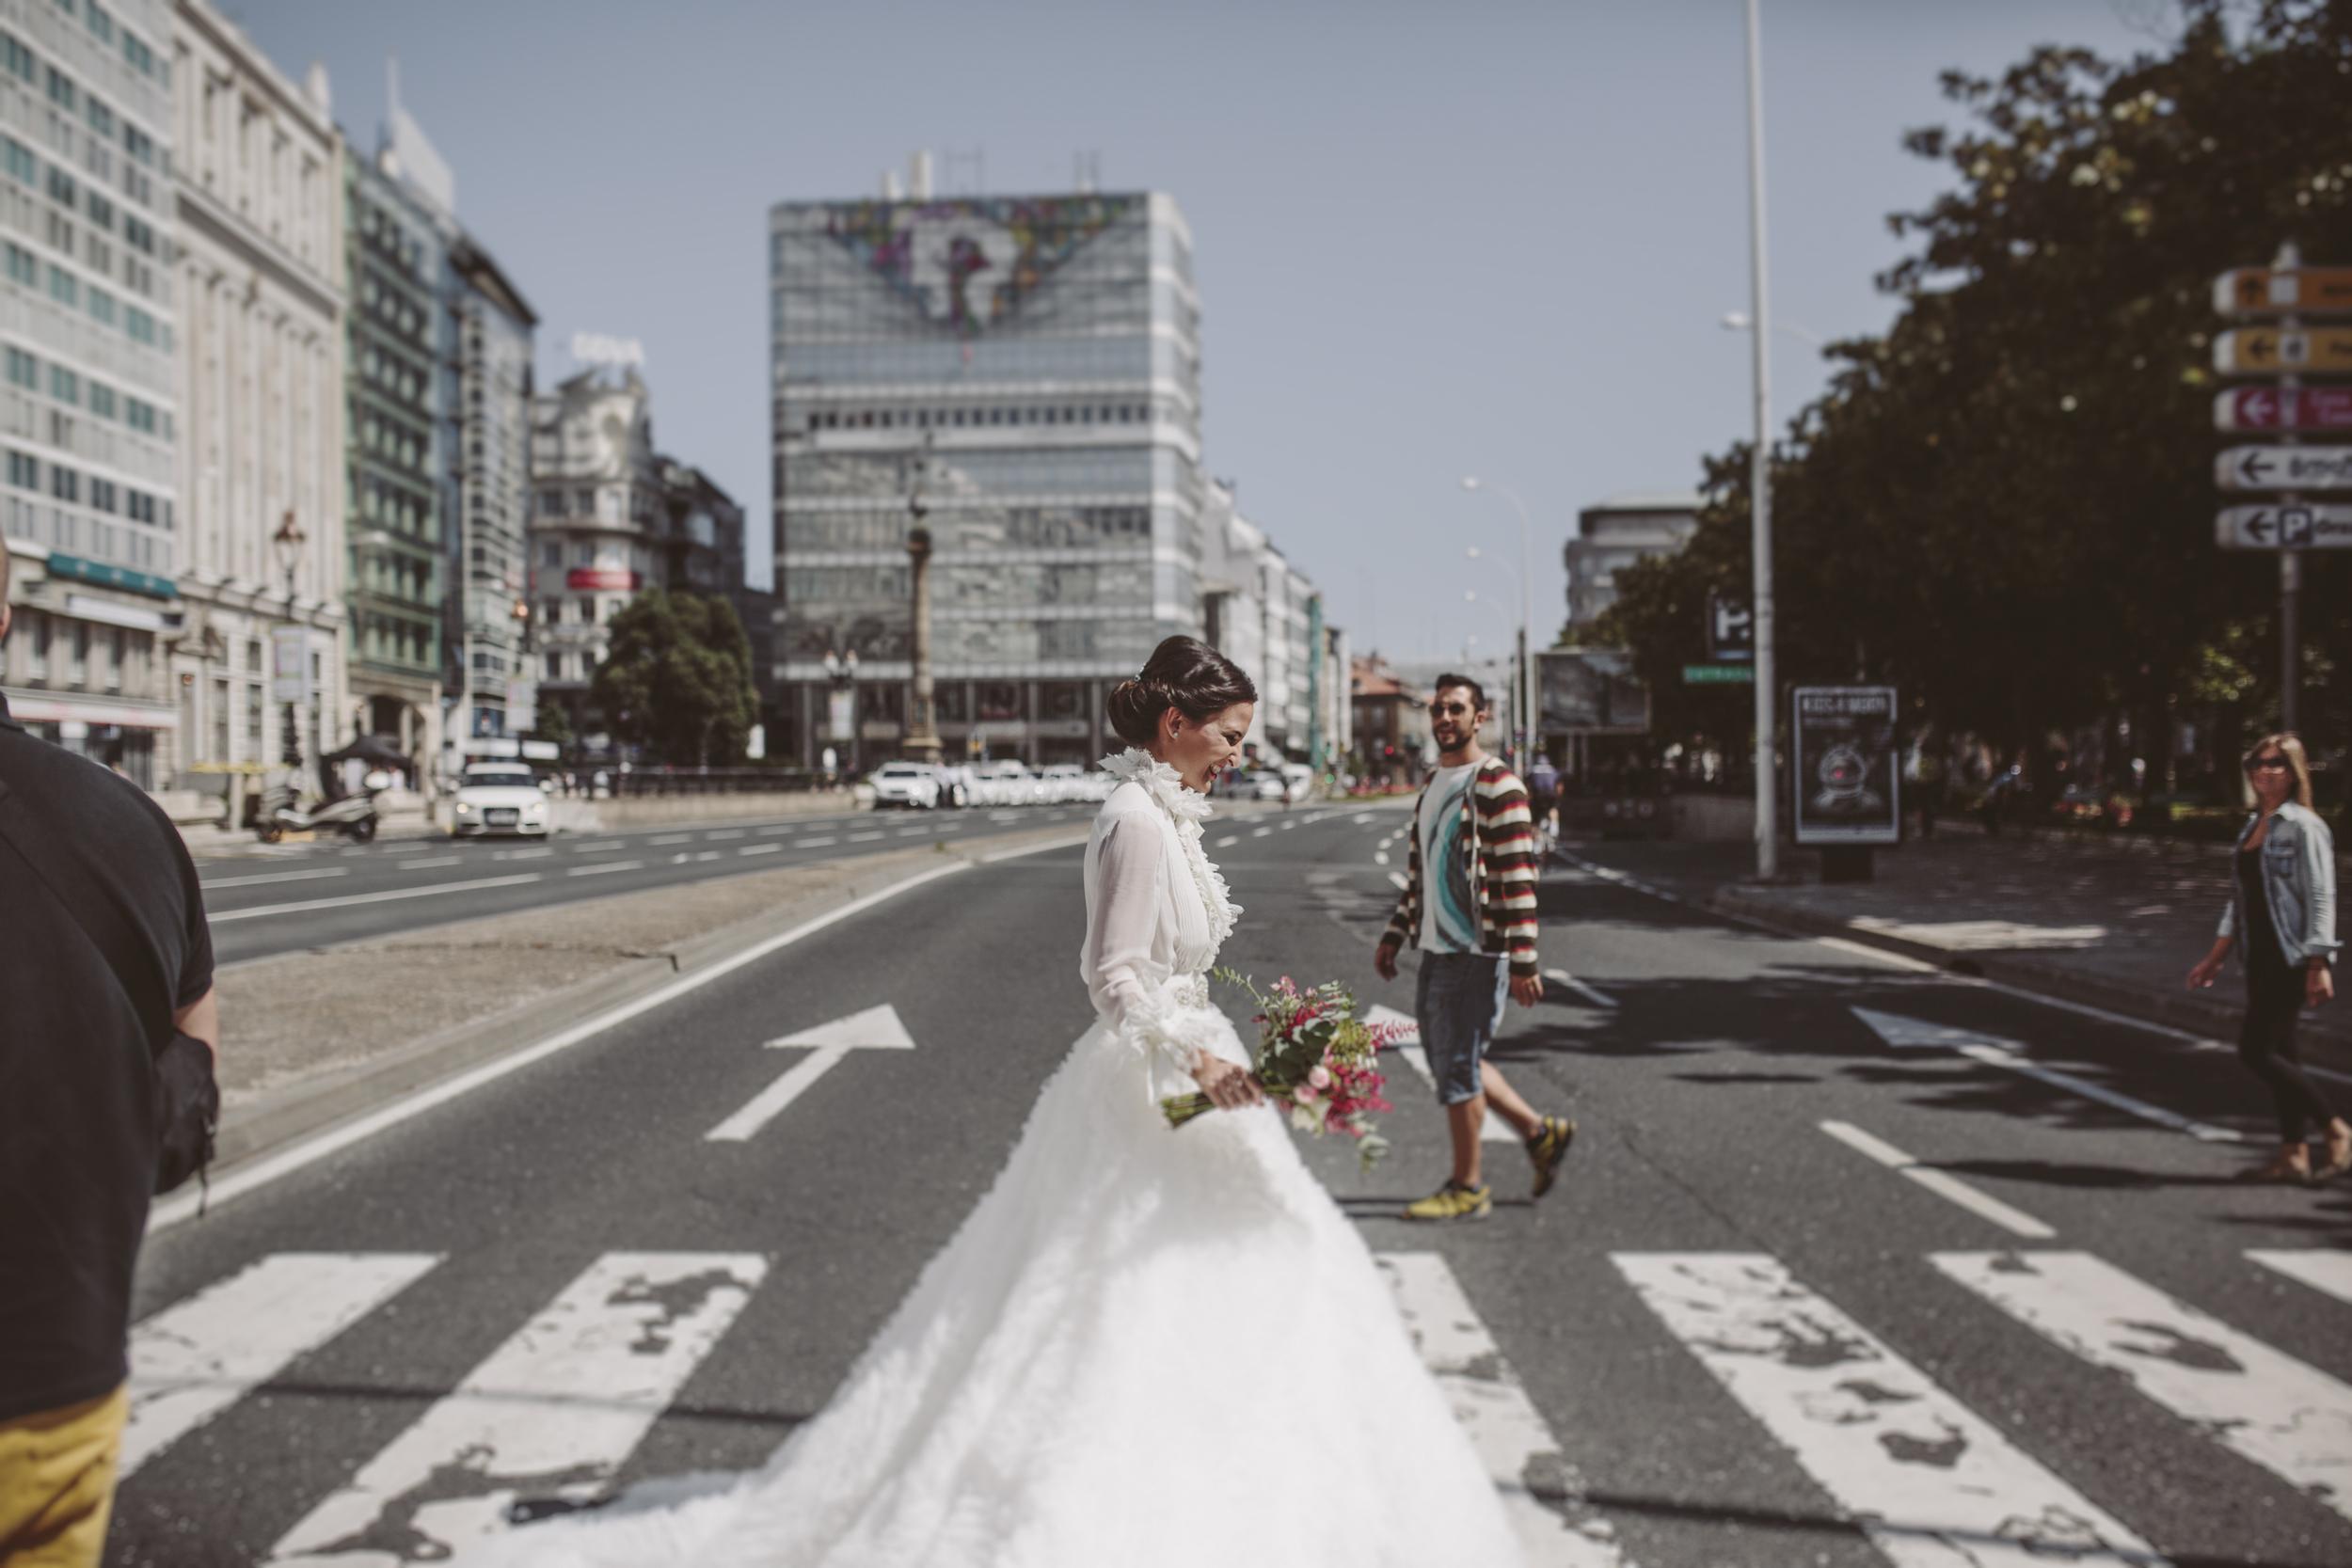 Fotografo bodas Pontevedra Graciela Vilagudin 594.jpg